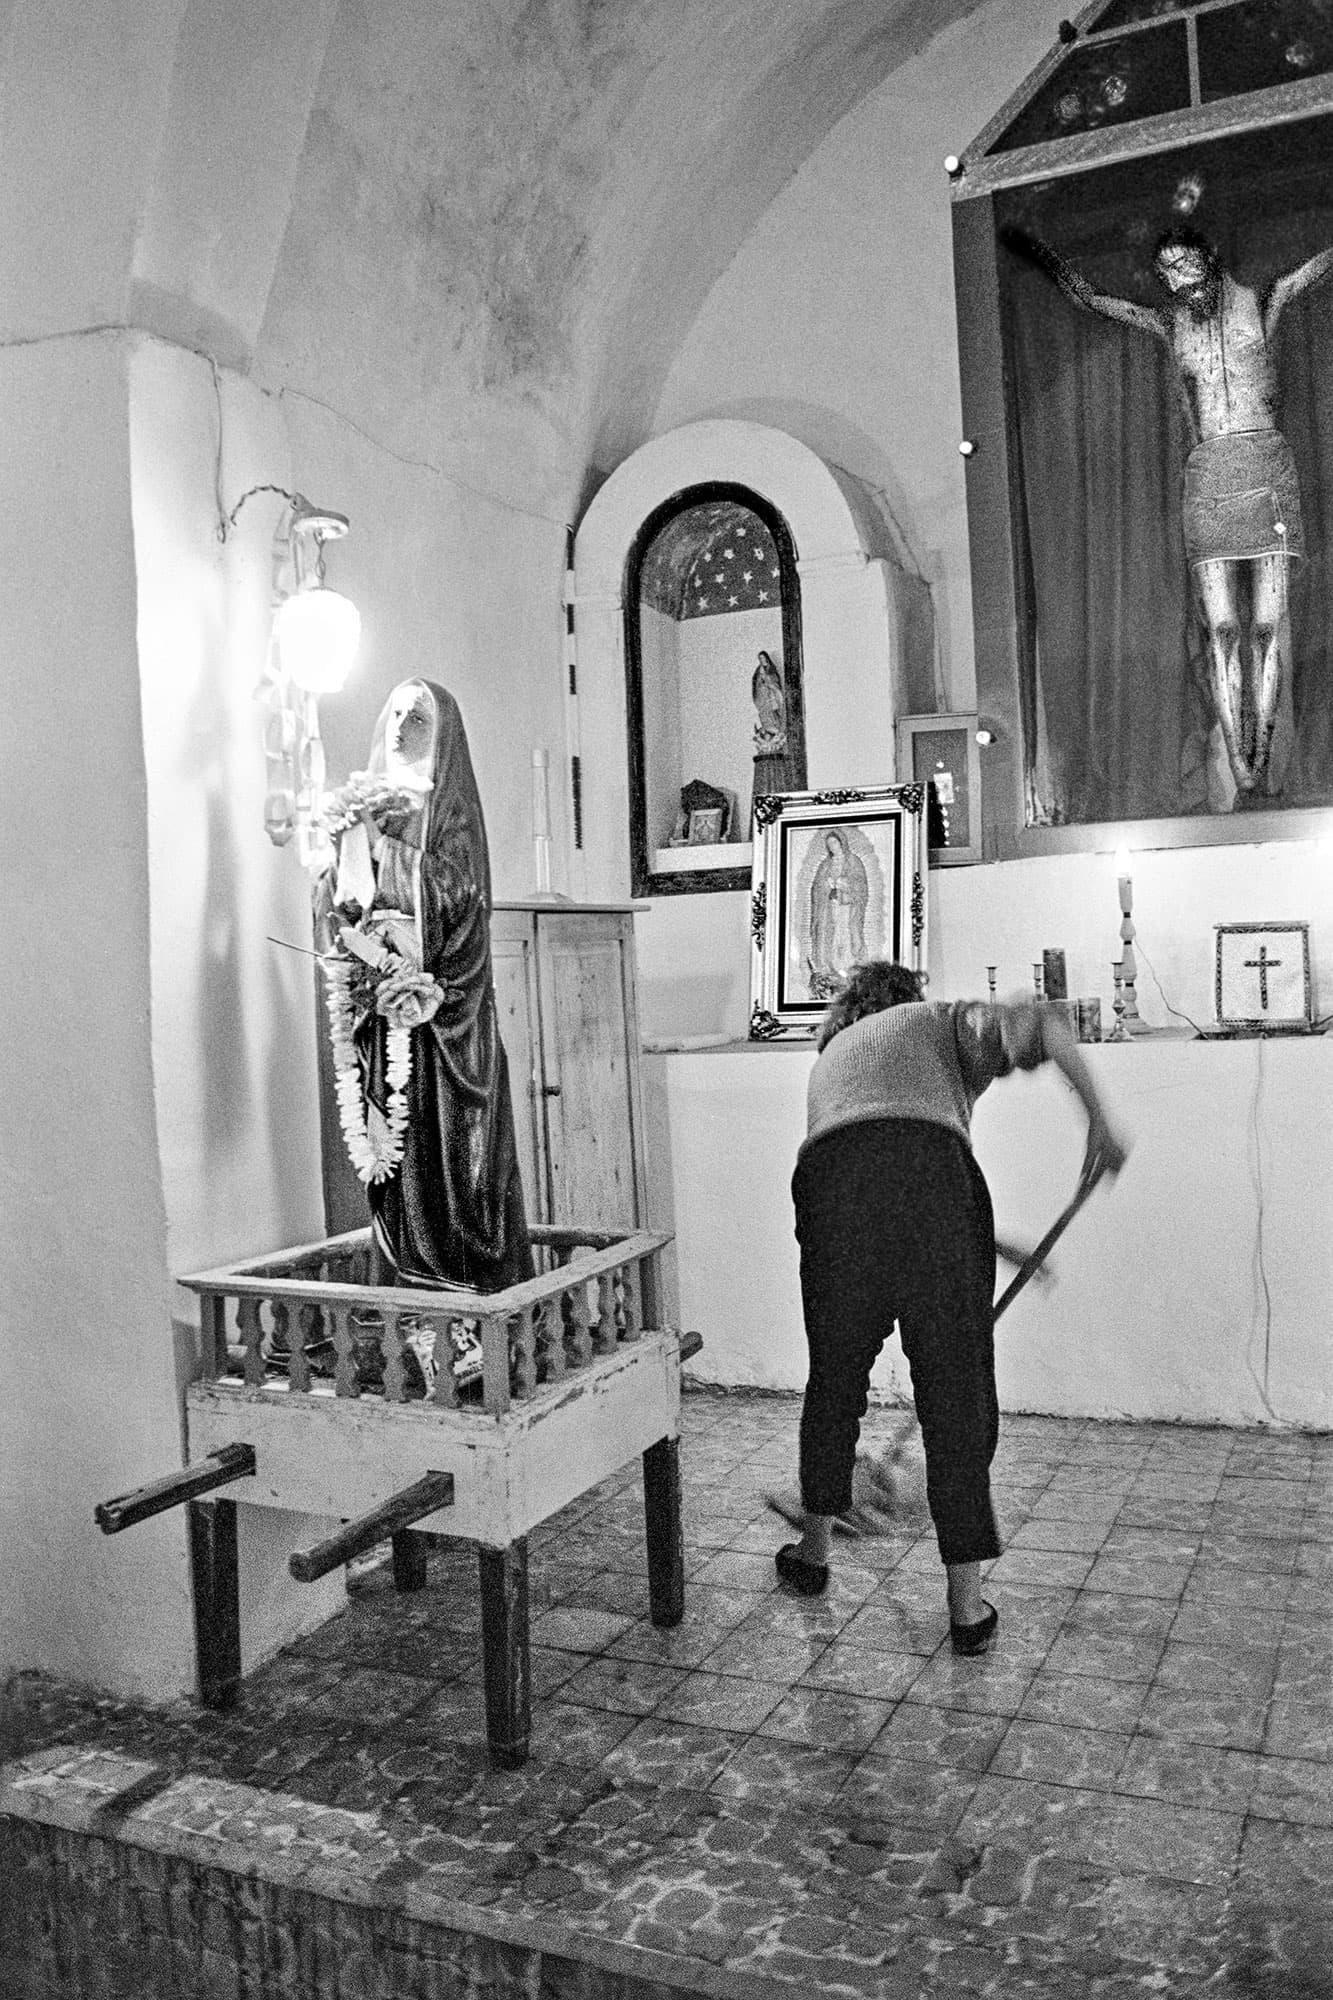 El Chico Chapel - arthur lazar